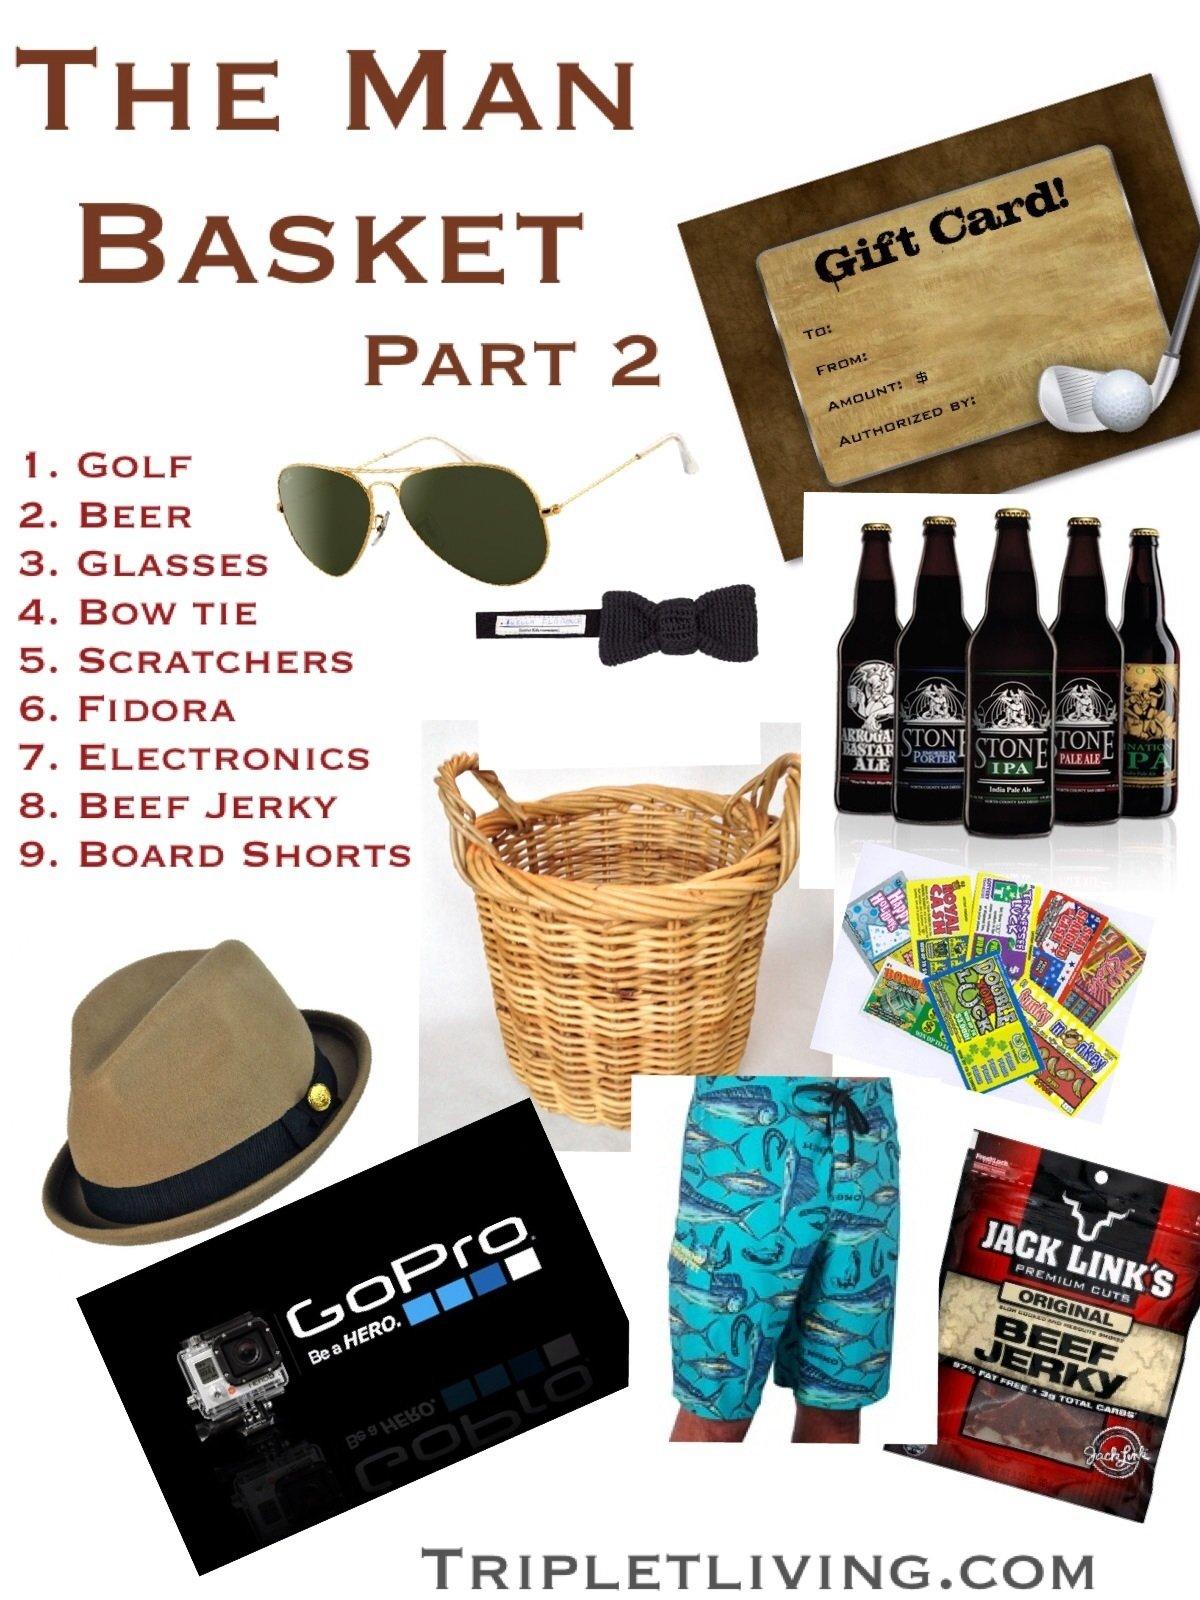 10 Elegant Easter Basket Ideas For Husband the man basket partii triplet living 1